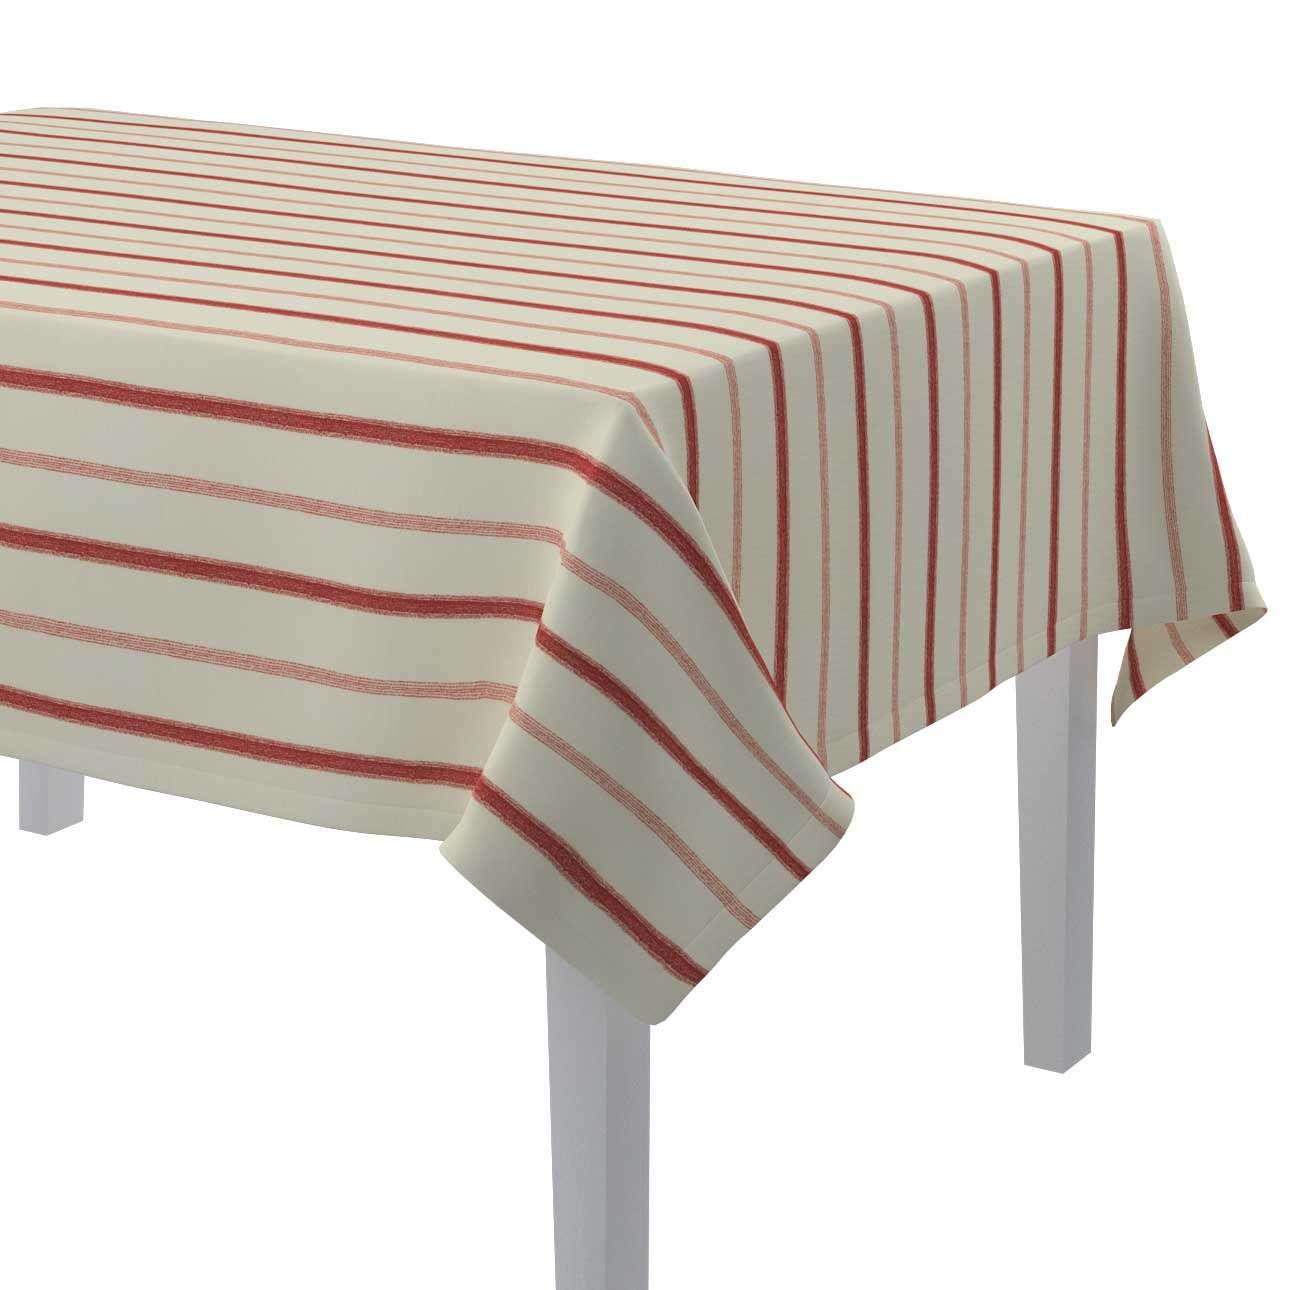 Staltiesės (stalui su kampais) kolekcijoje Avinon, audinys: 129-15